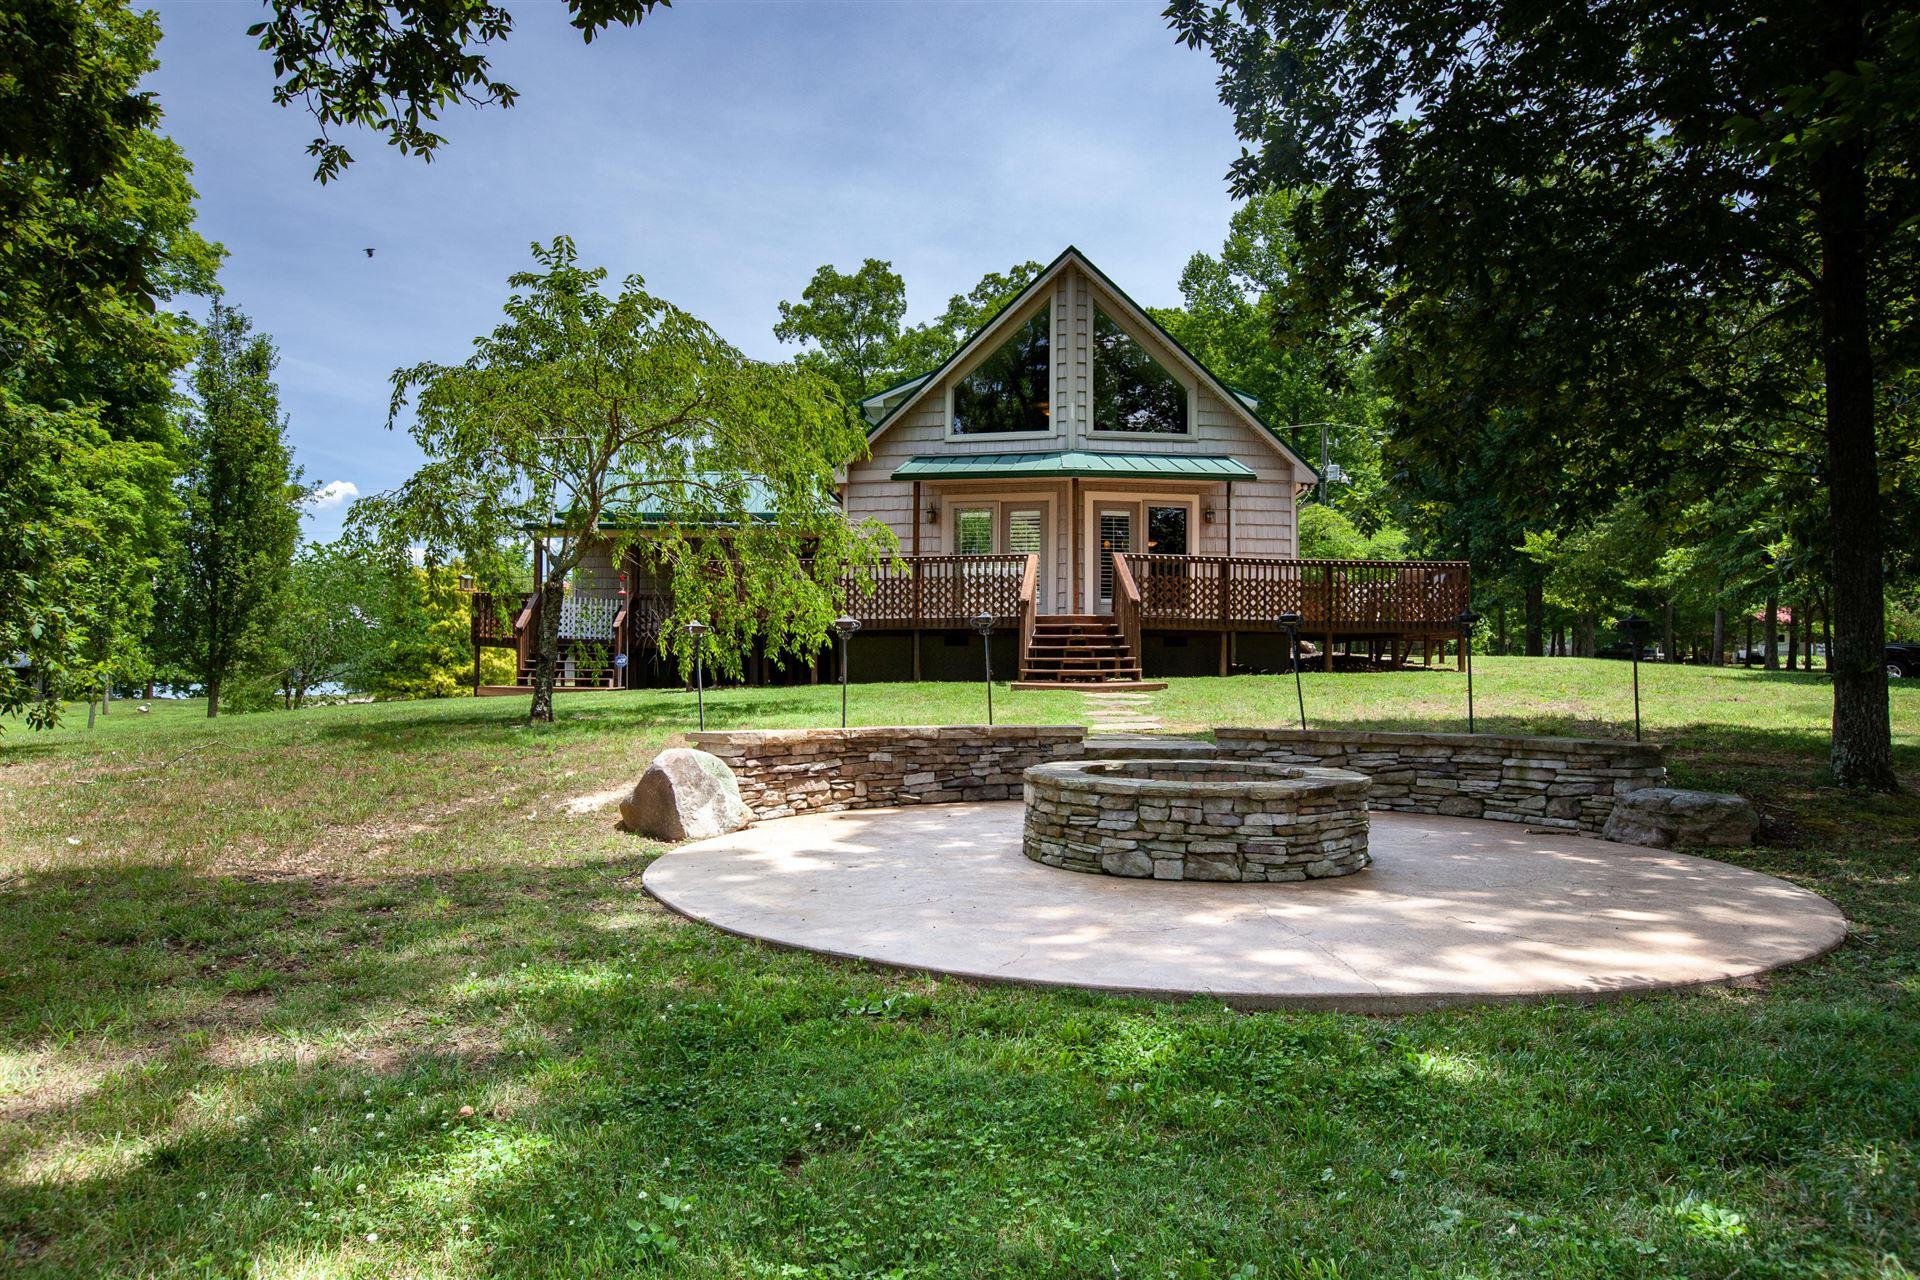 Photo for 319 Sugar Camp Lane, Maynardville, TN 37807 (MLS # 1122040)